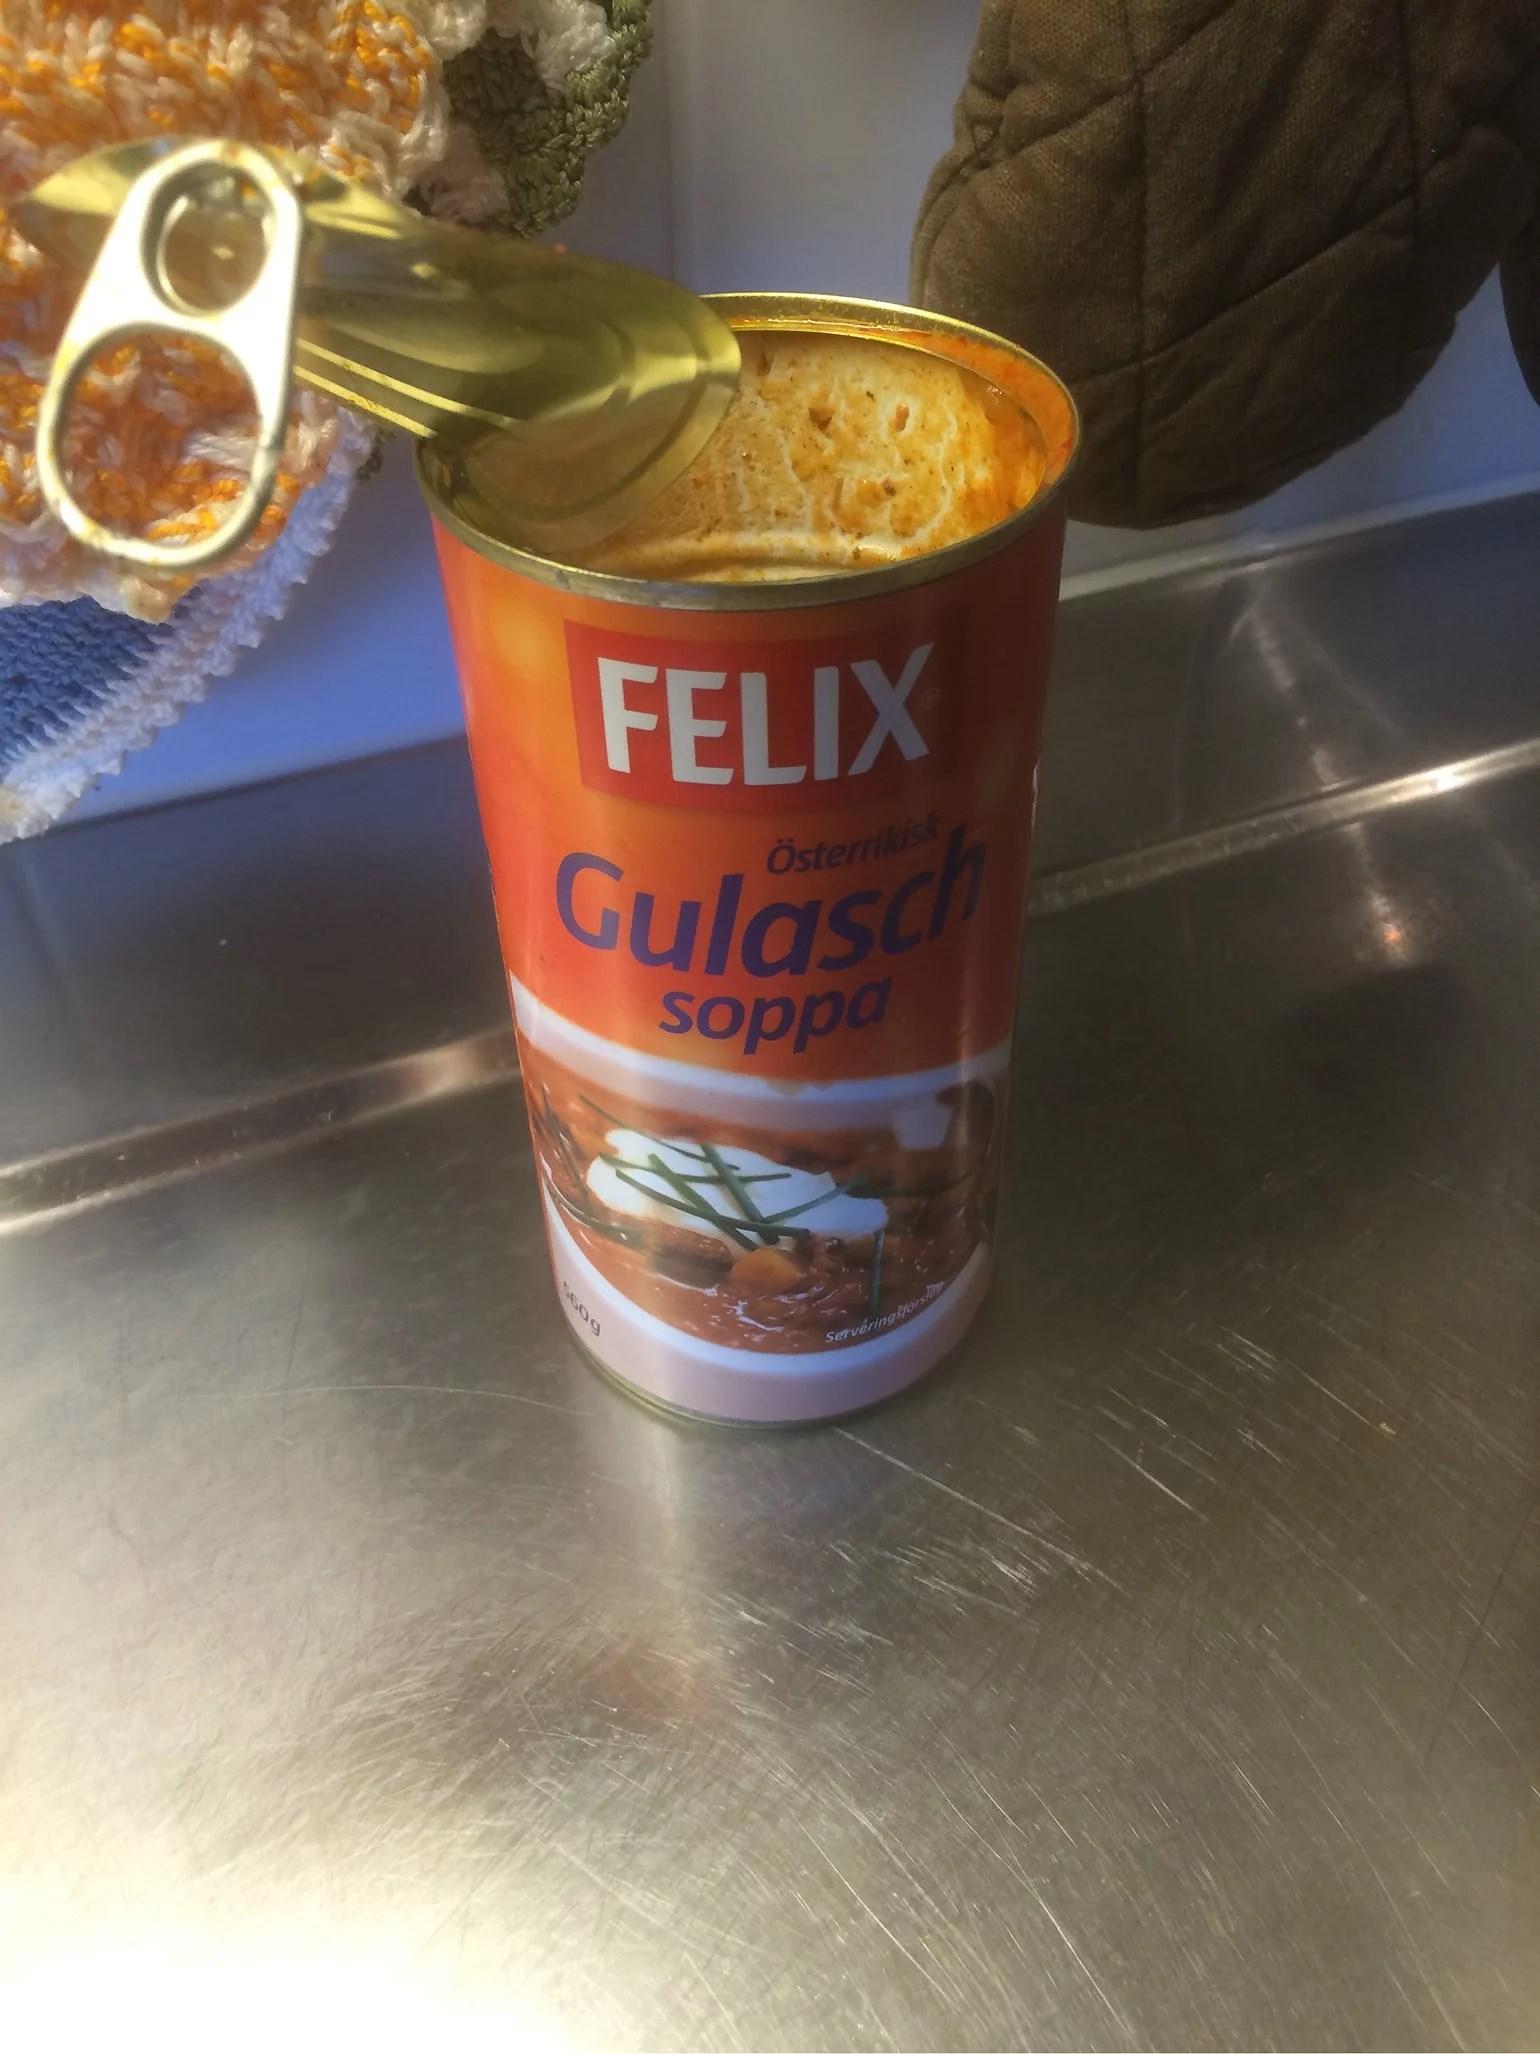 God soppa